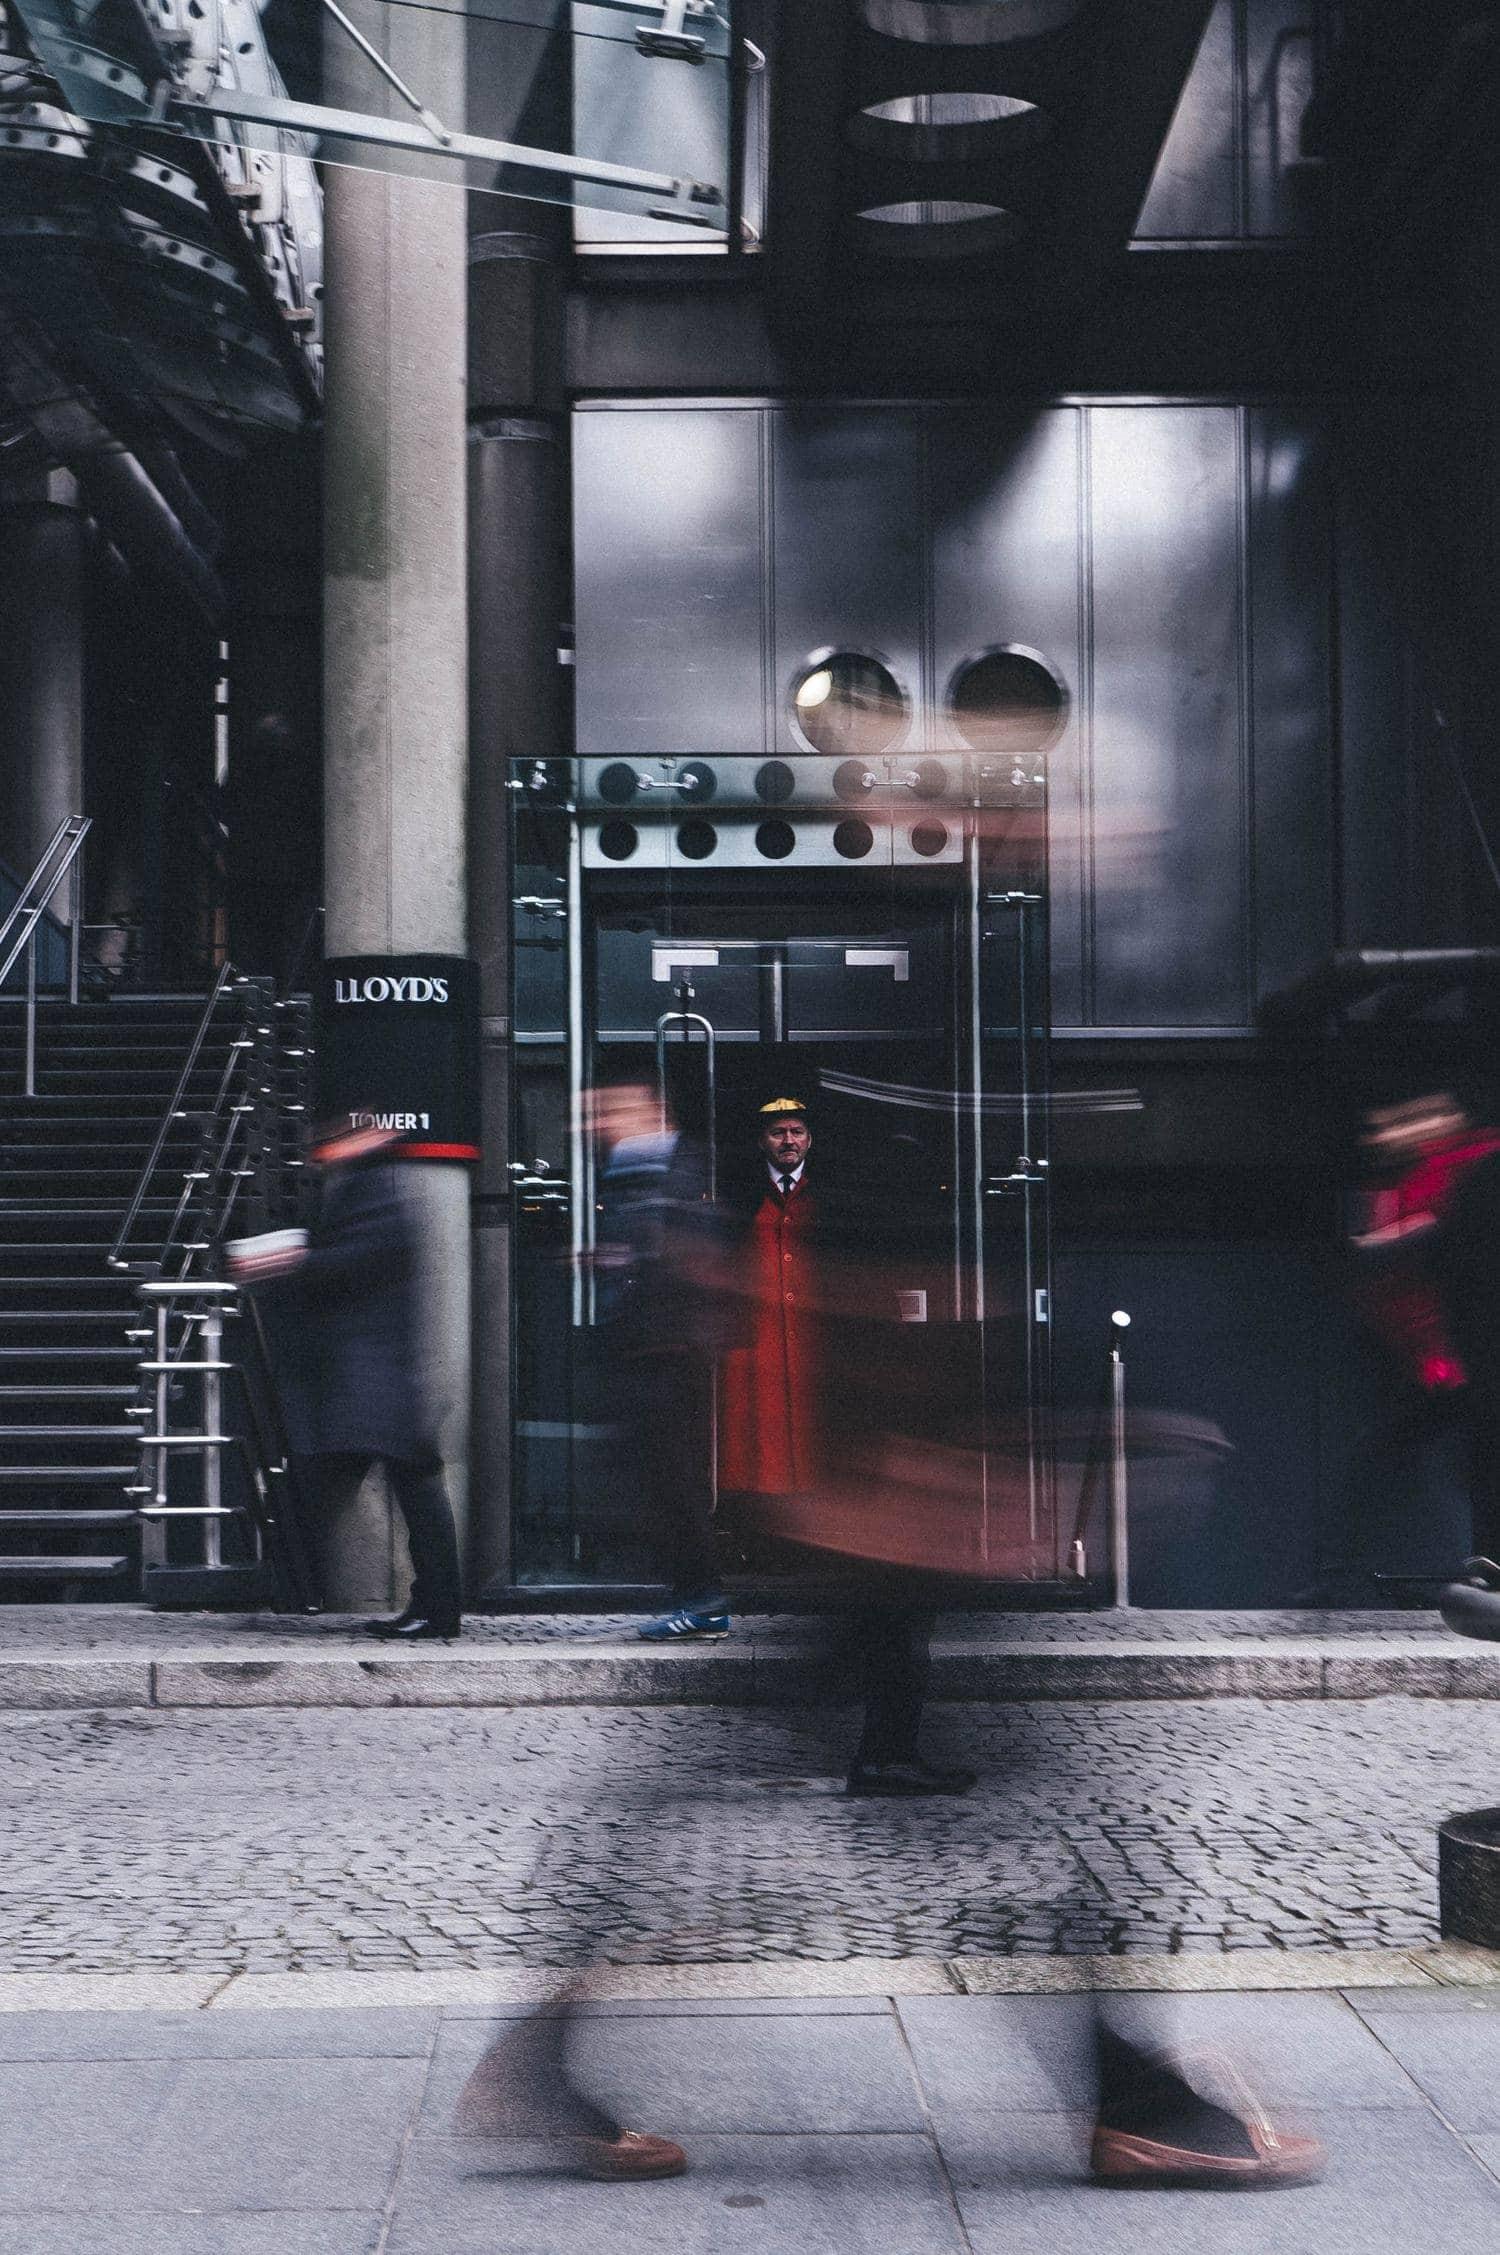 Fotografía callejera caminando Lloyds